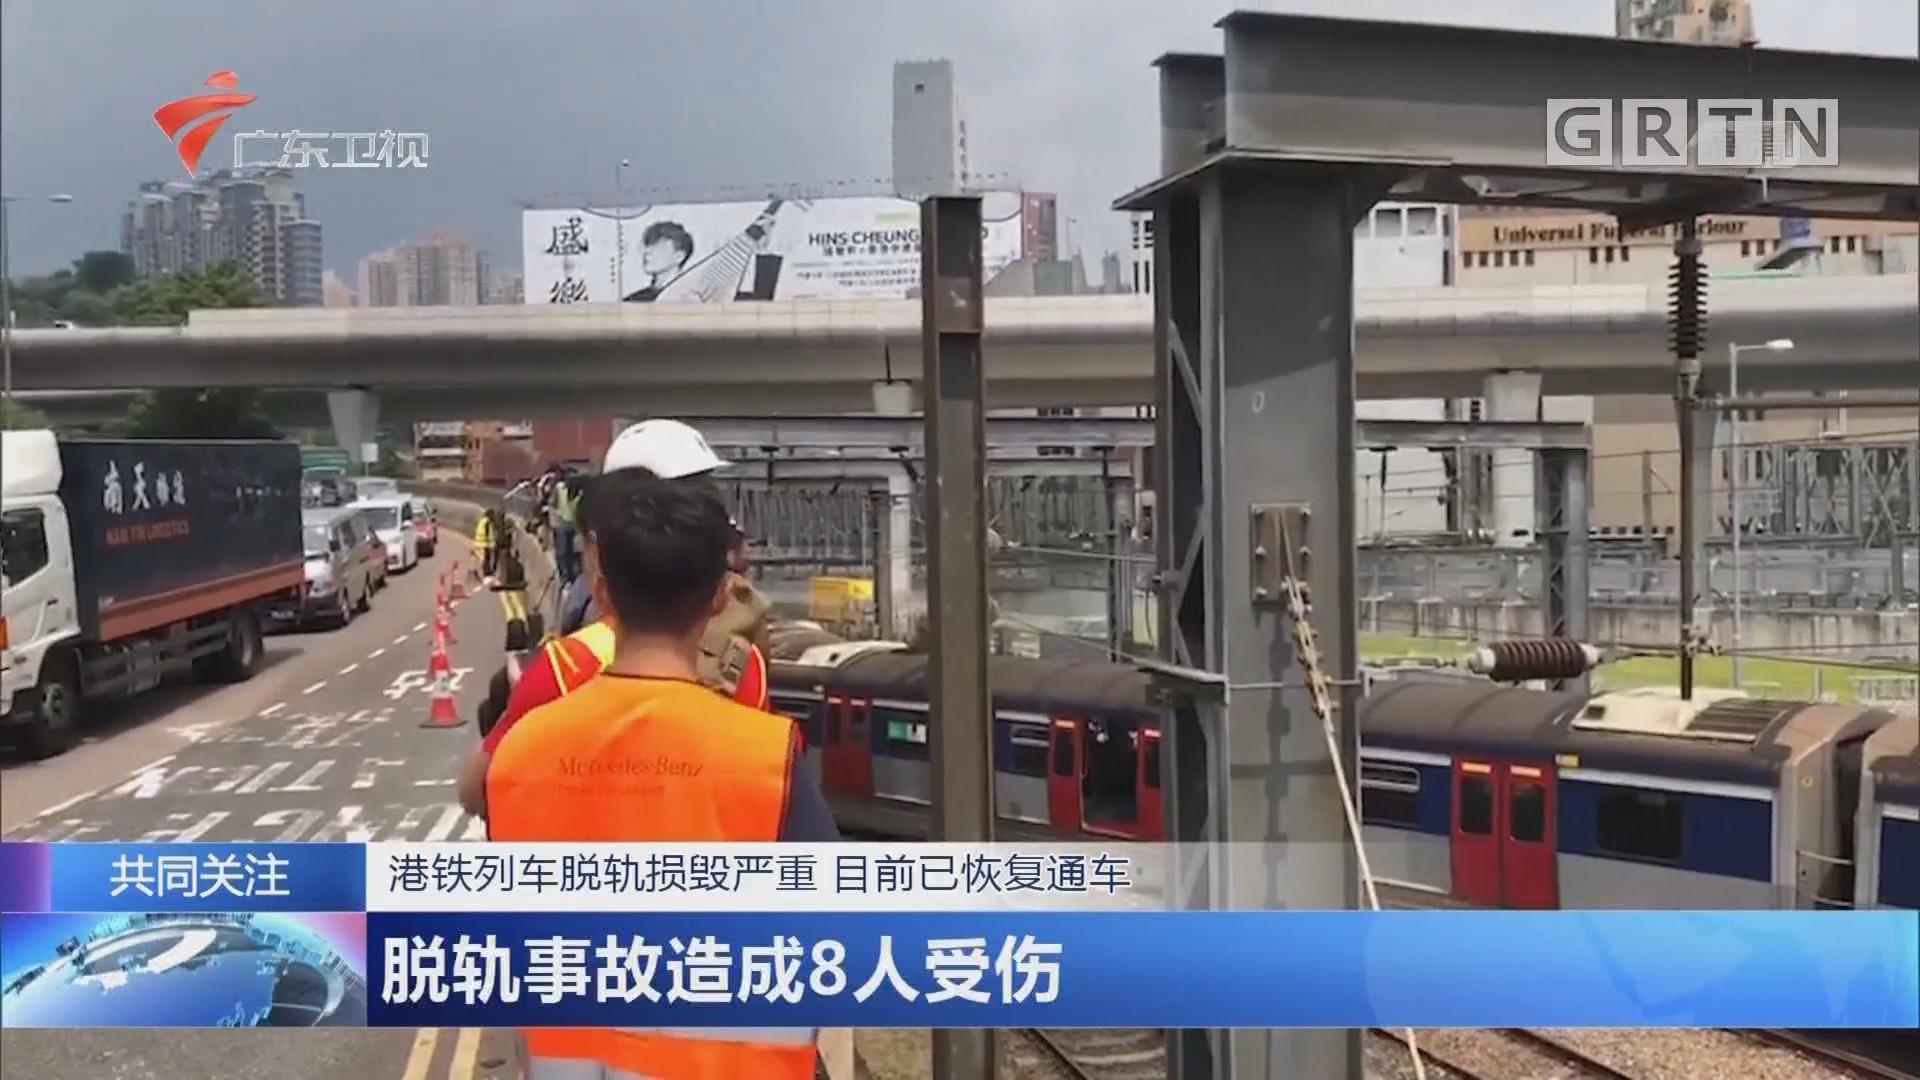 港铁列车脱轨损毁严重 目前已恢复通车 脱轨事故造成8人受伤